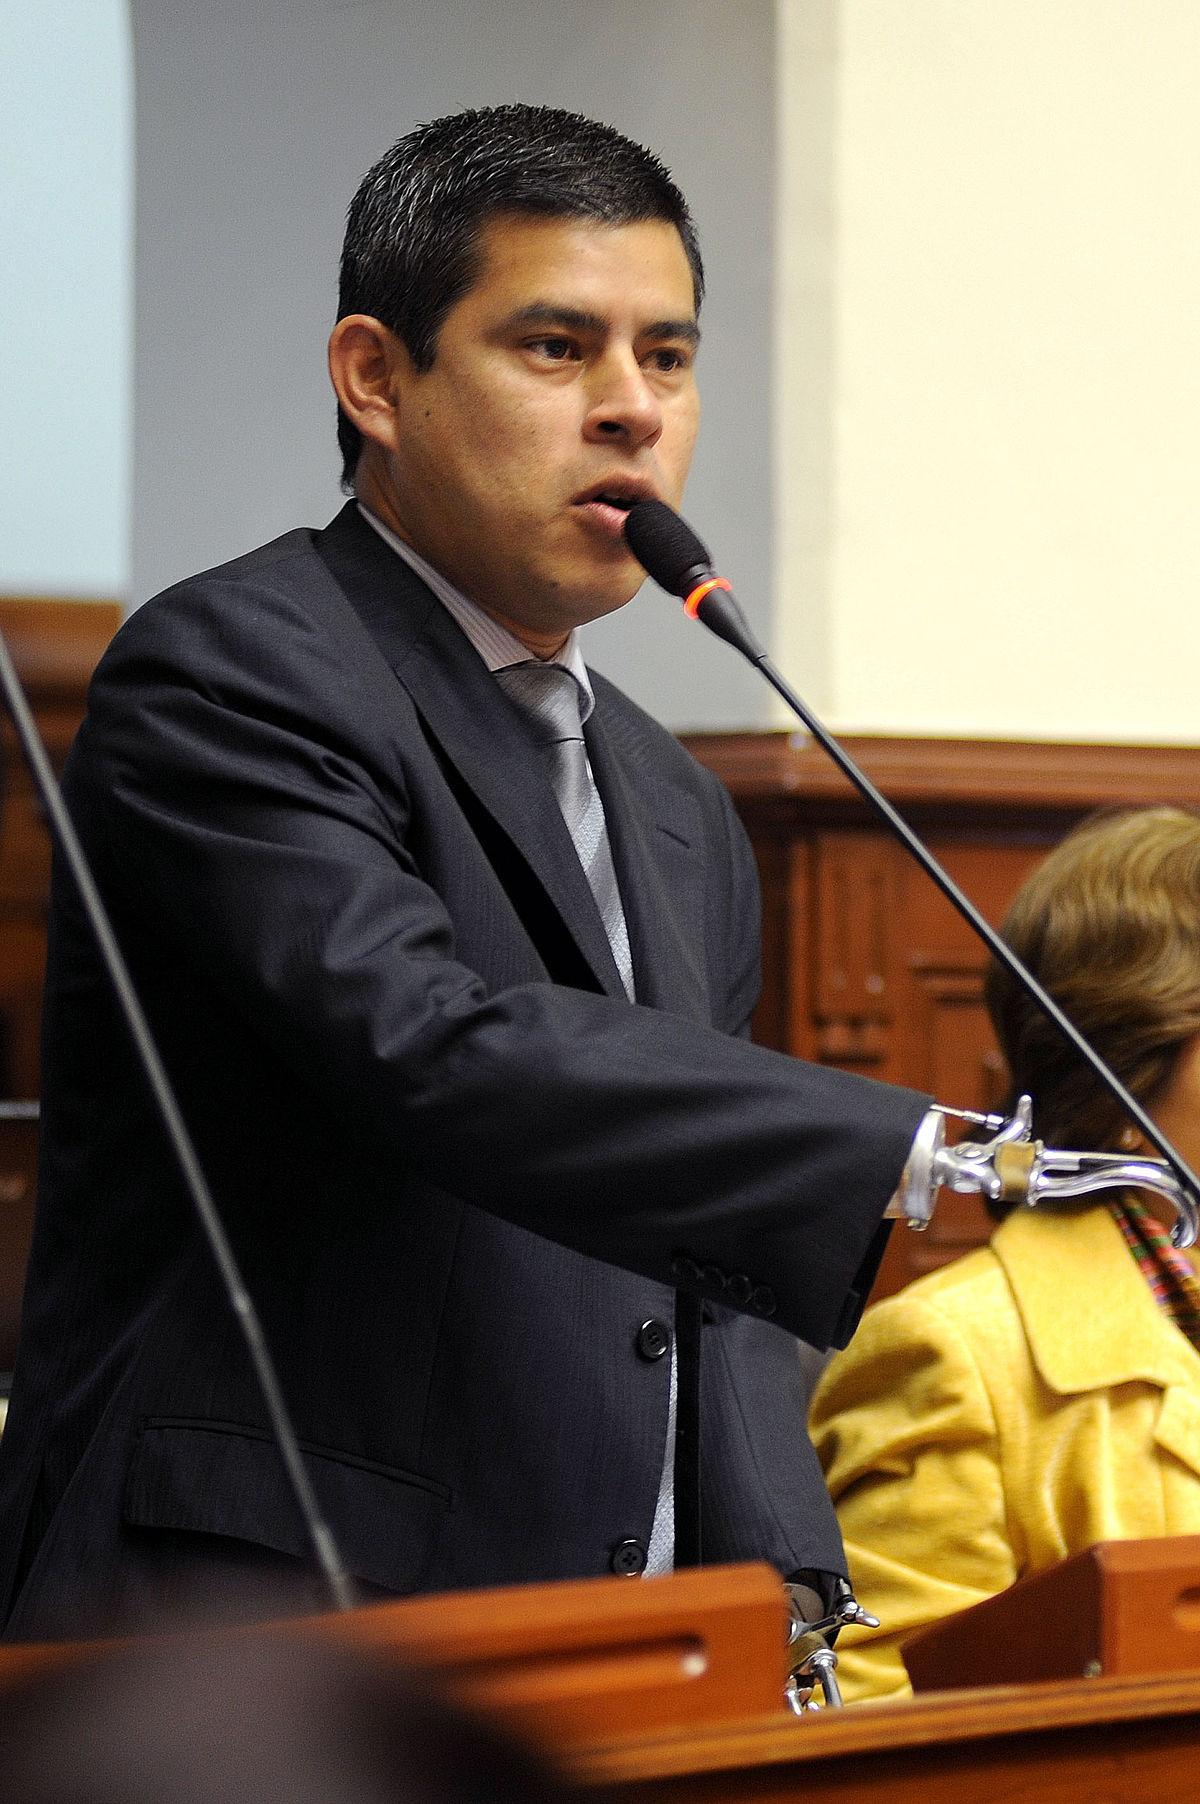 Luis Galarreta Wikipedia